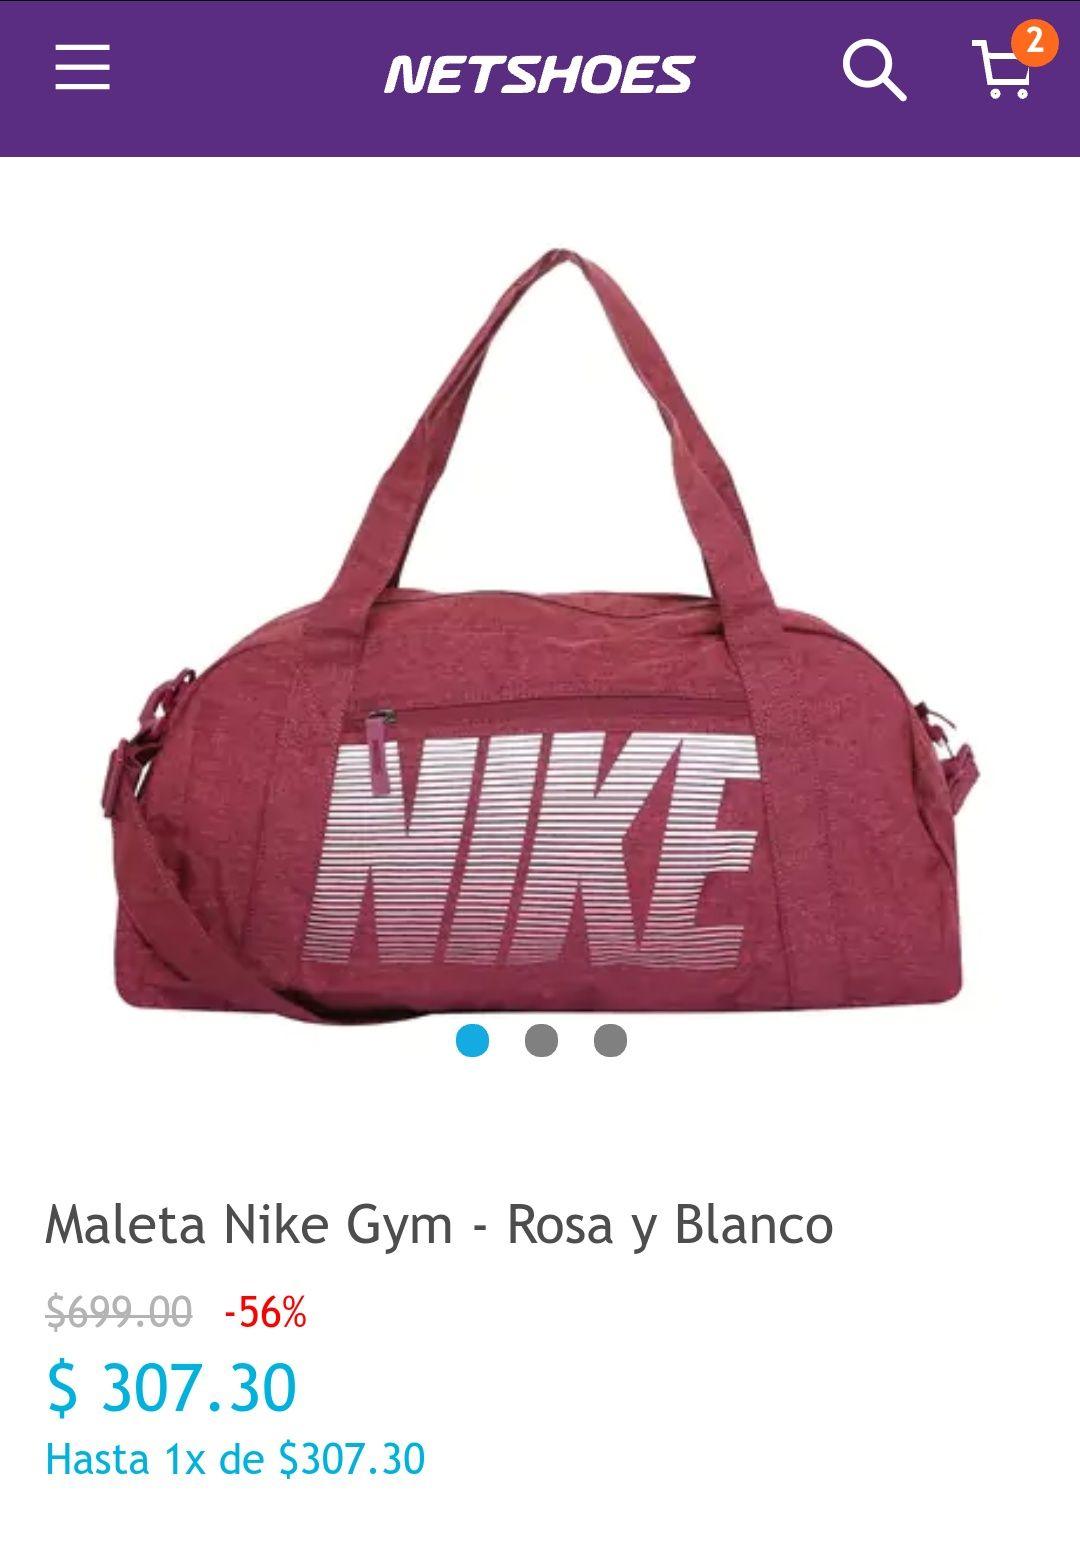 Netshoes: Maleta Nike Gym - Rosa y Blanco